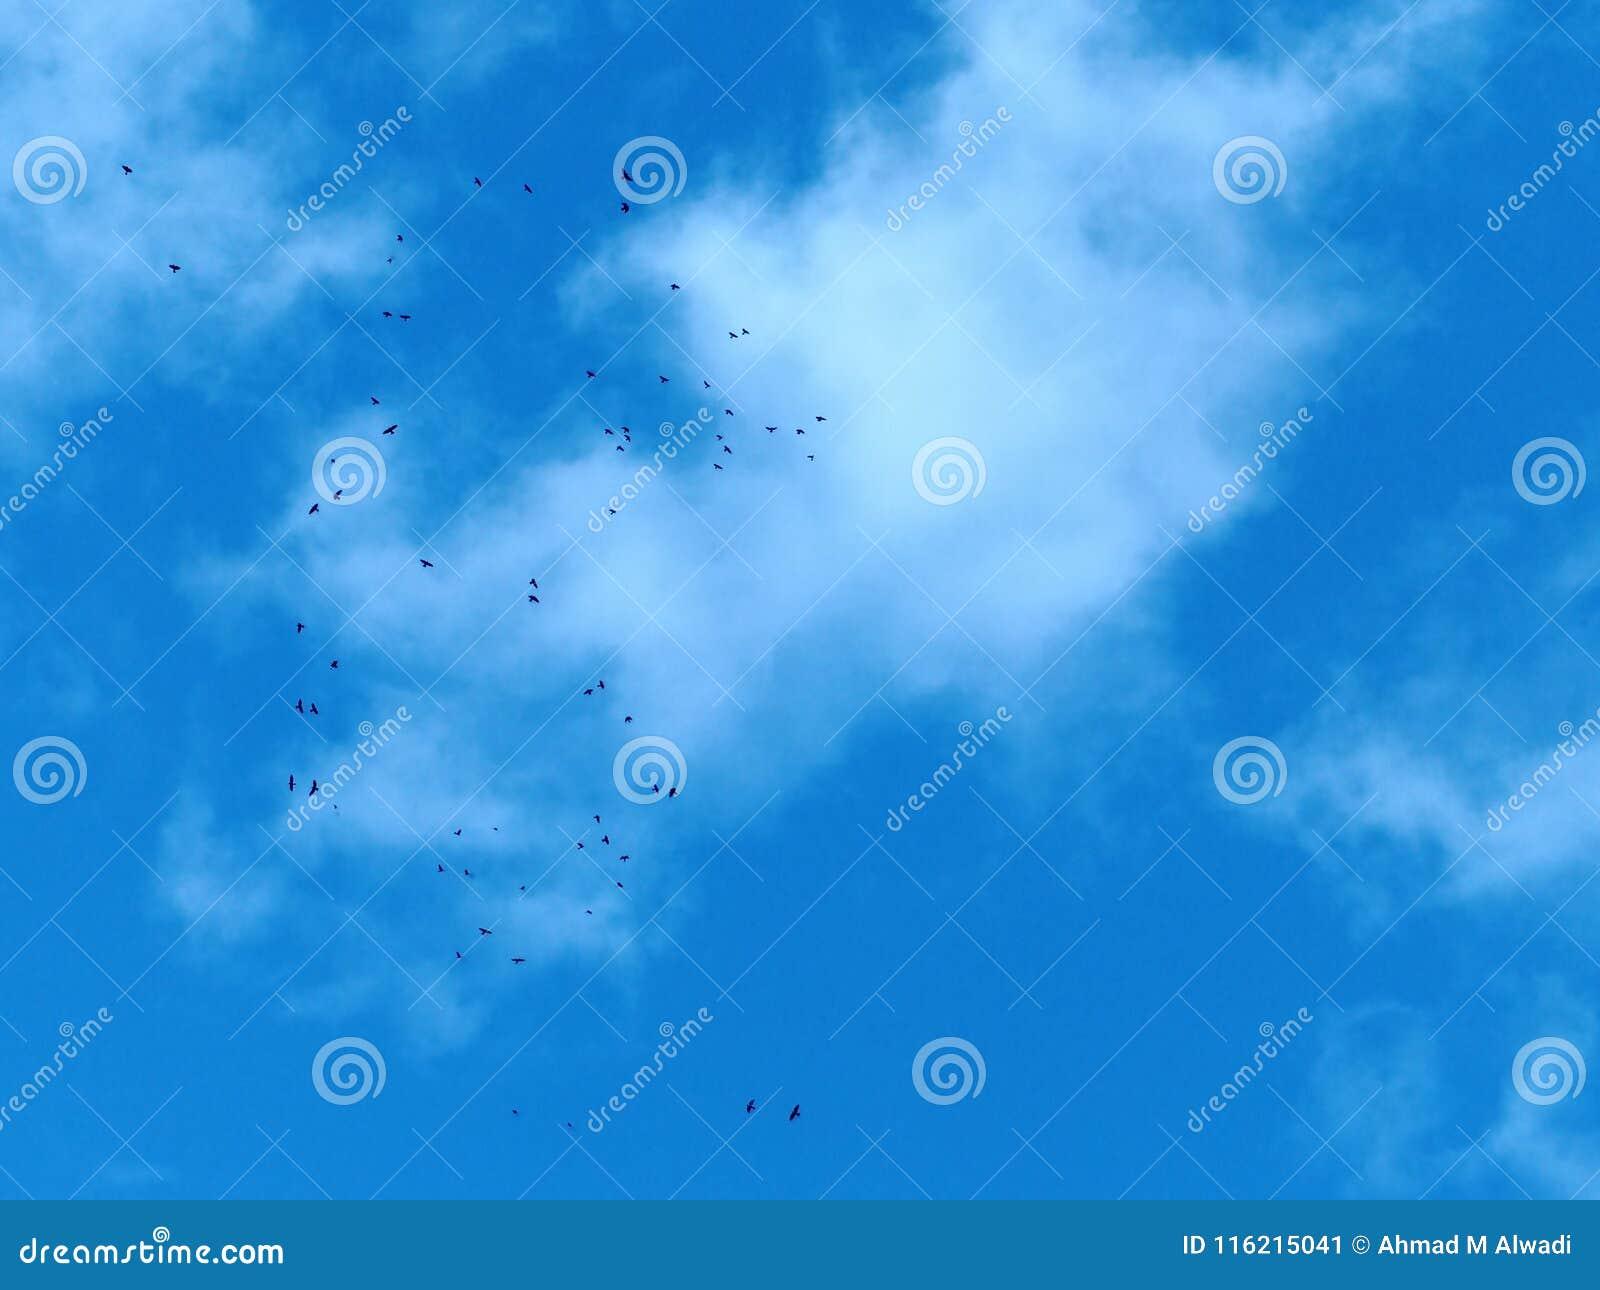 Clear sun with birds